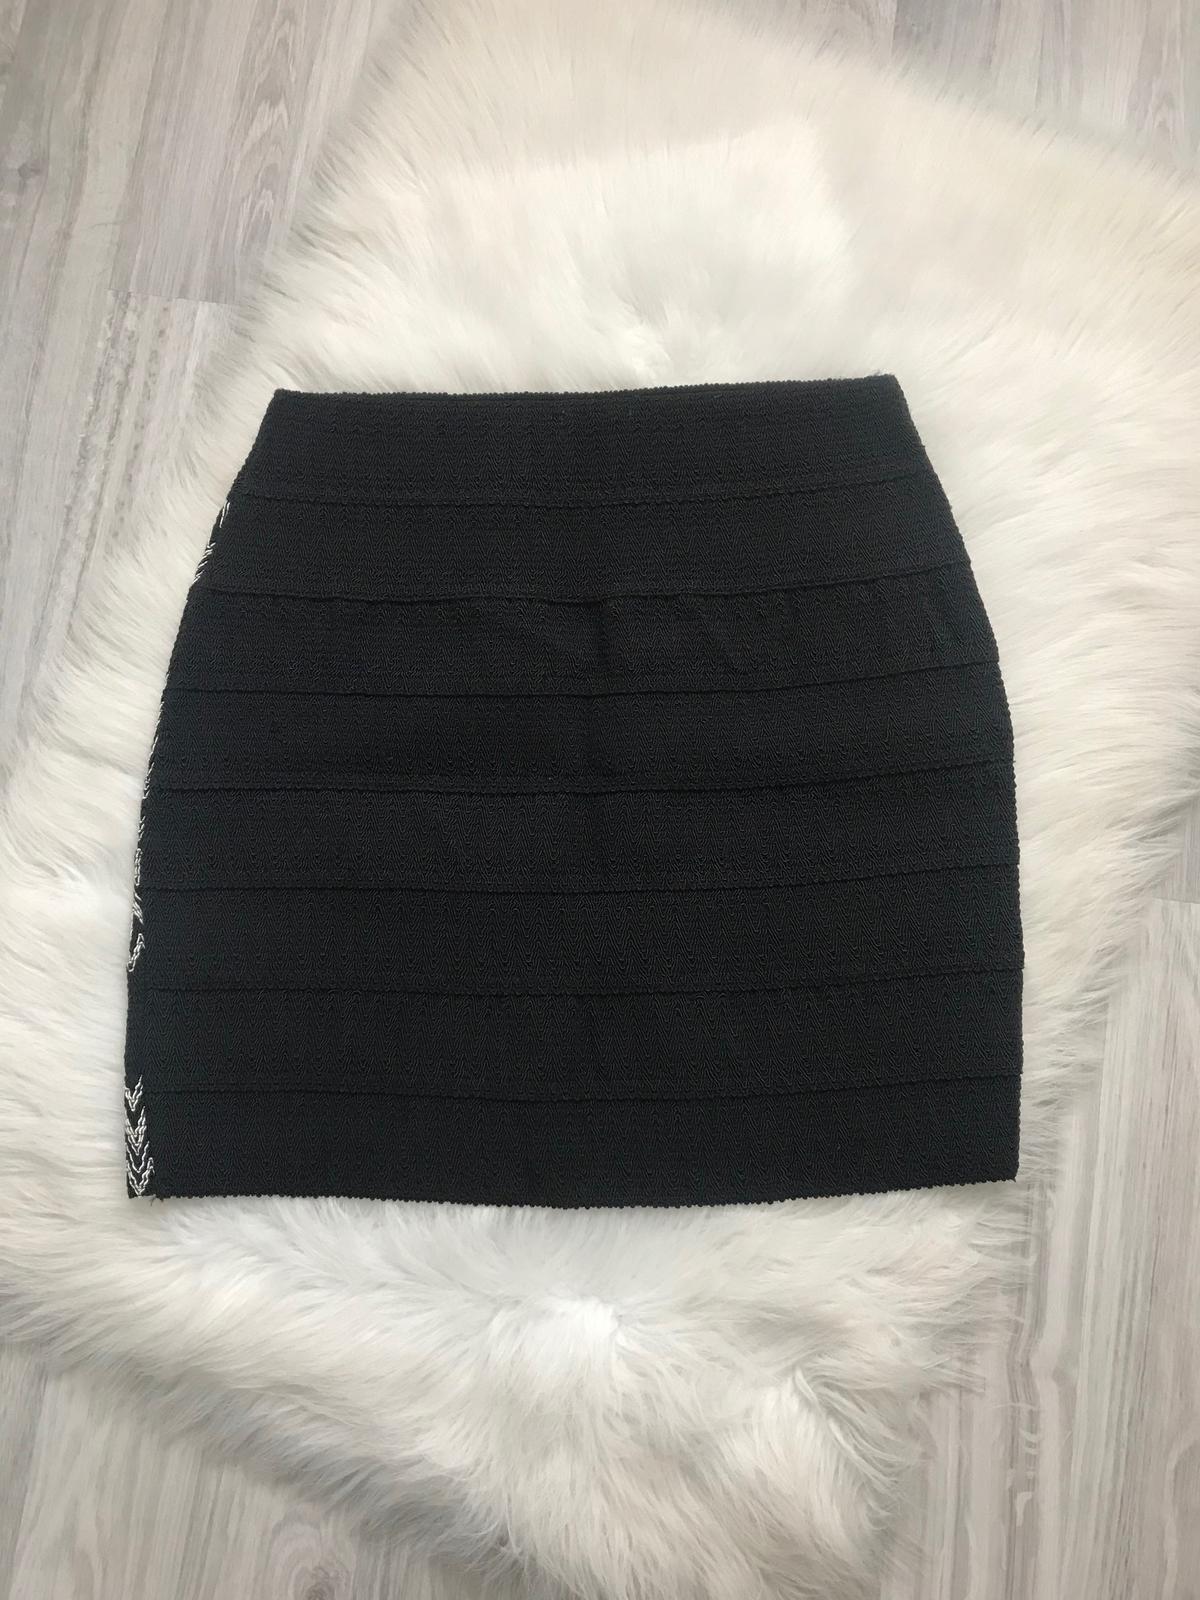 Vzorovaná dámska sukňa značky H&M s ešte visačkou - Obrázok č. 4